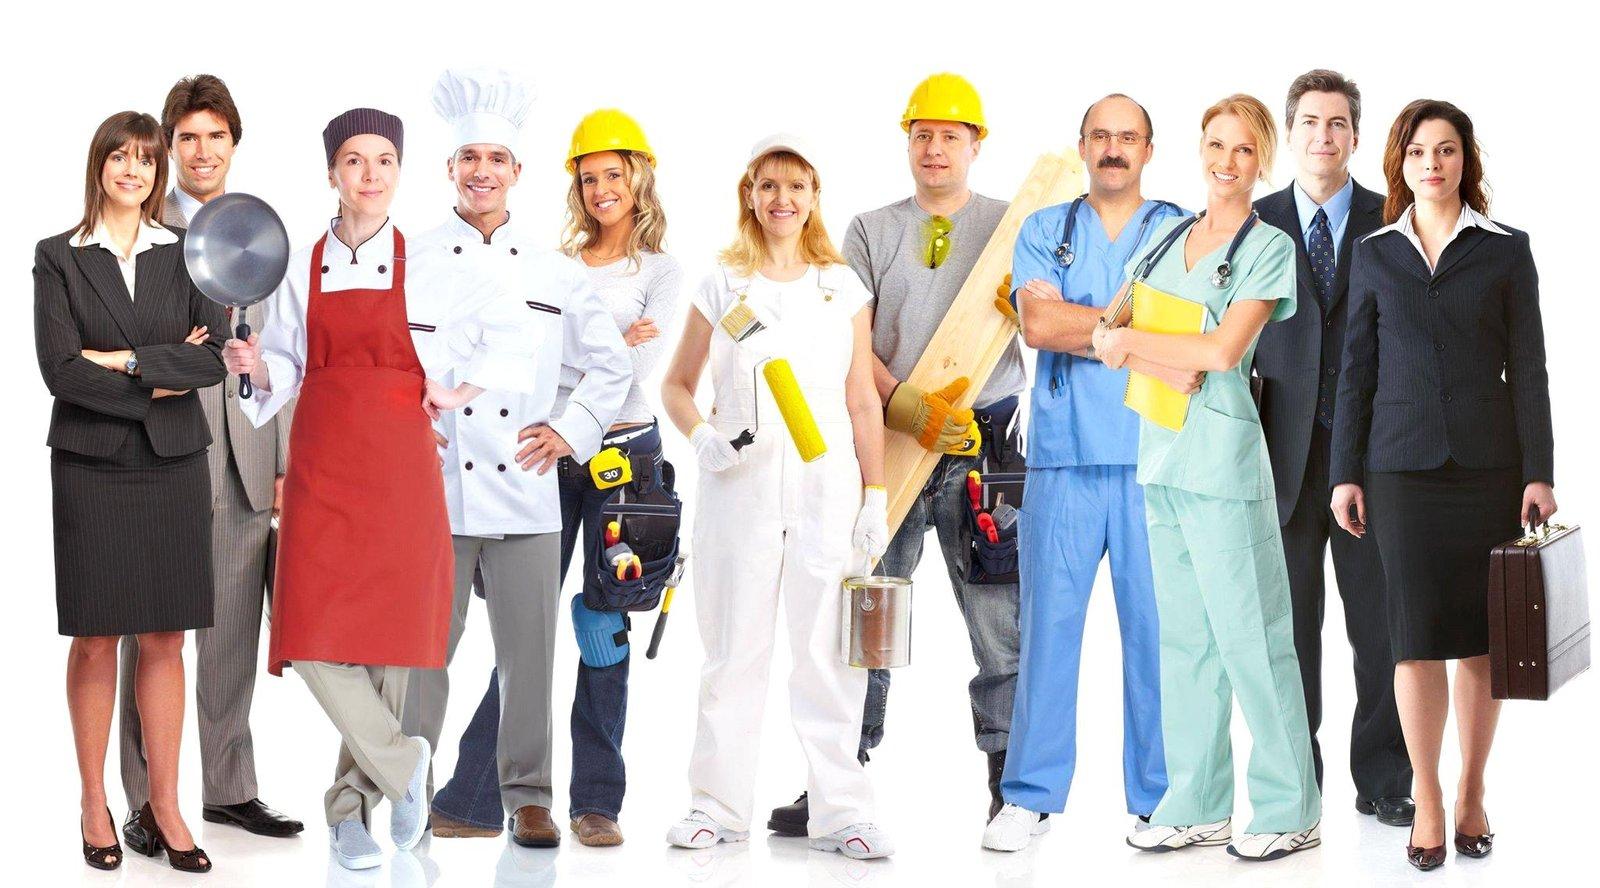 дизайн картинки бюджетные работники обычных арбузов отличается